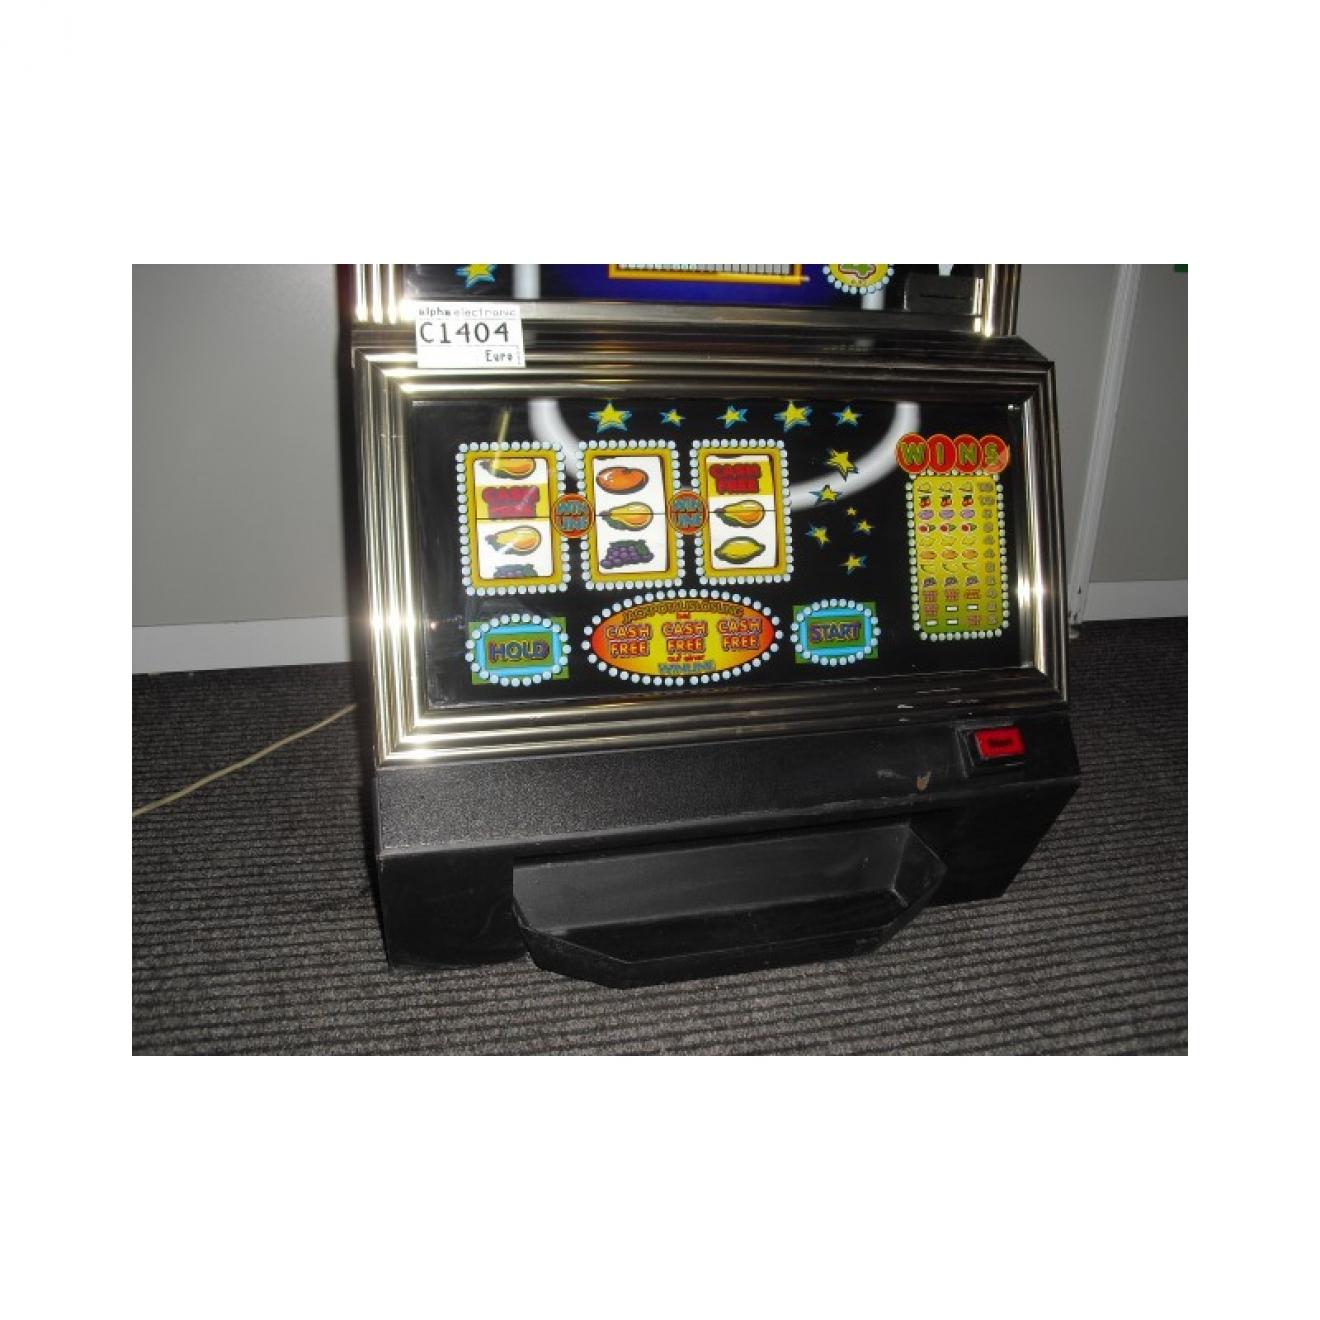 play online casino berechnung nettoerlös